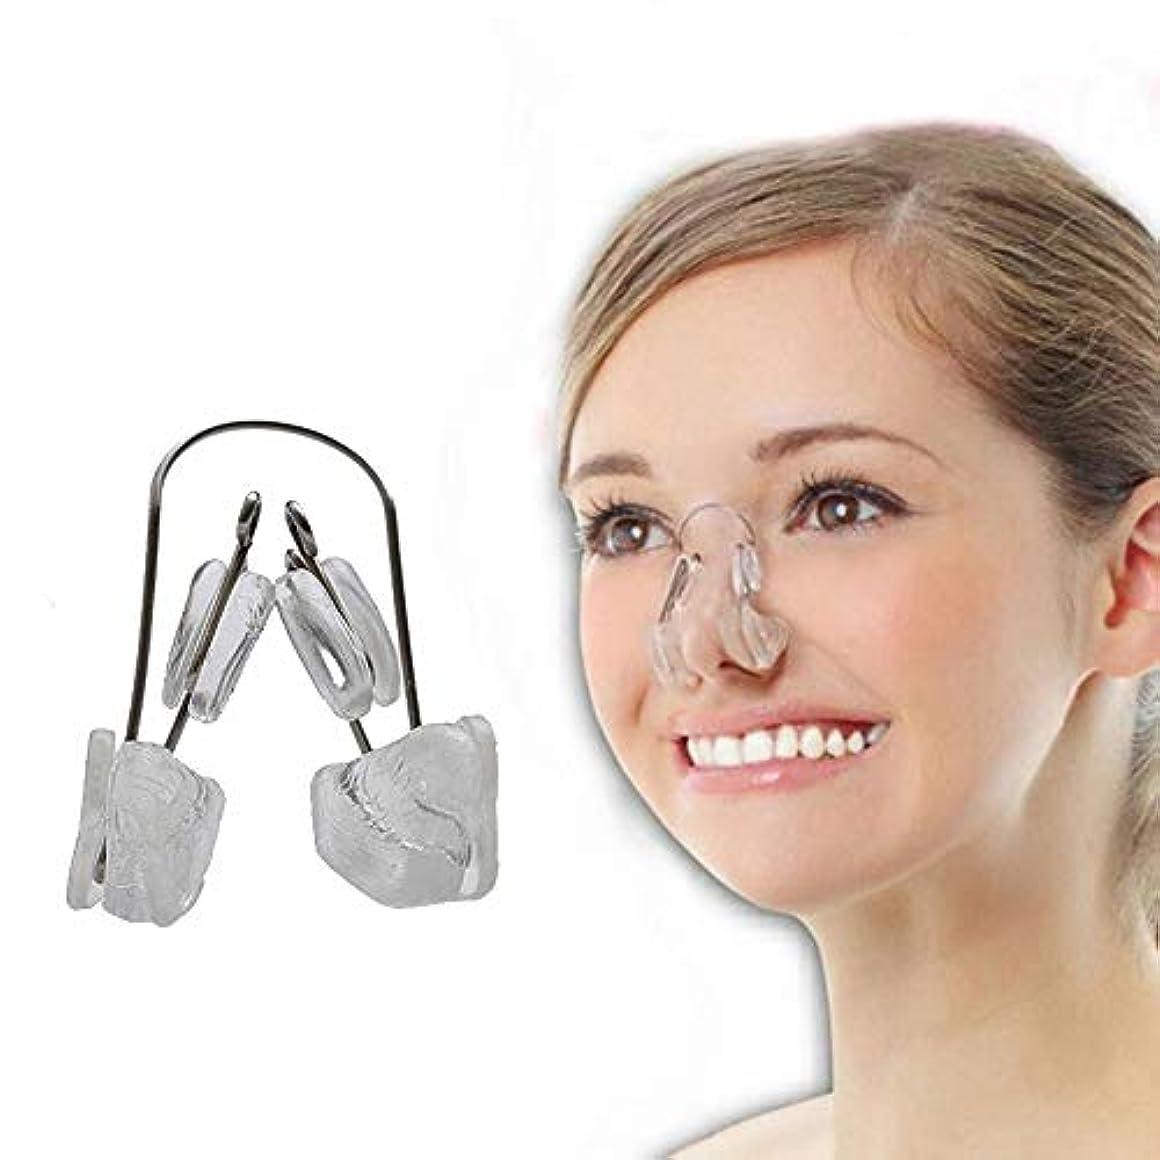 娘吐き出す神経障害Lindexs ないノーズアップピン ノーズアップピン 美鼻クリップ 鼻高く 鼻筋 矯正 (クリア)